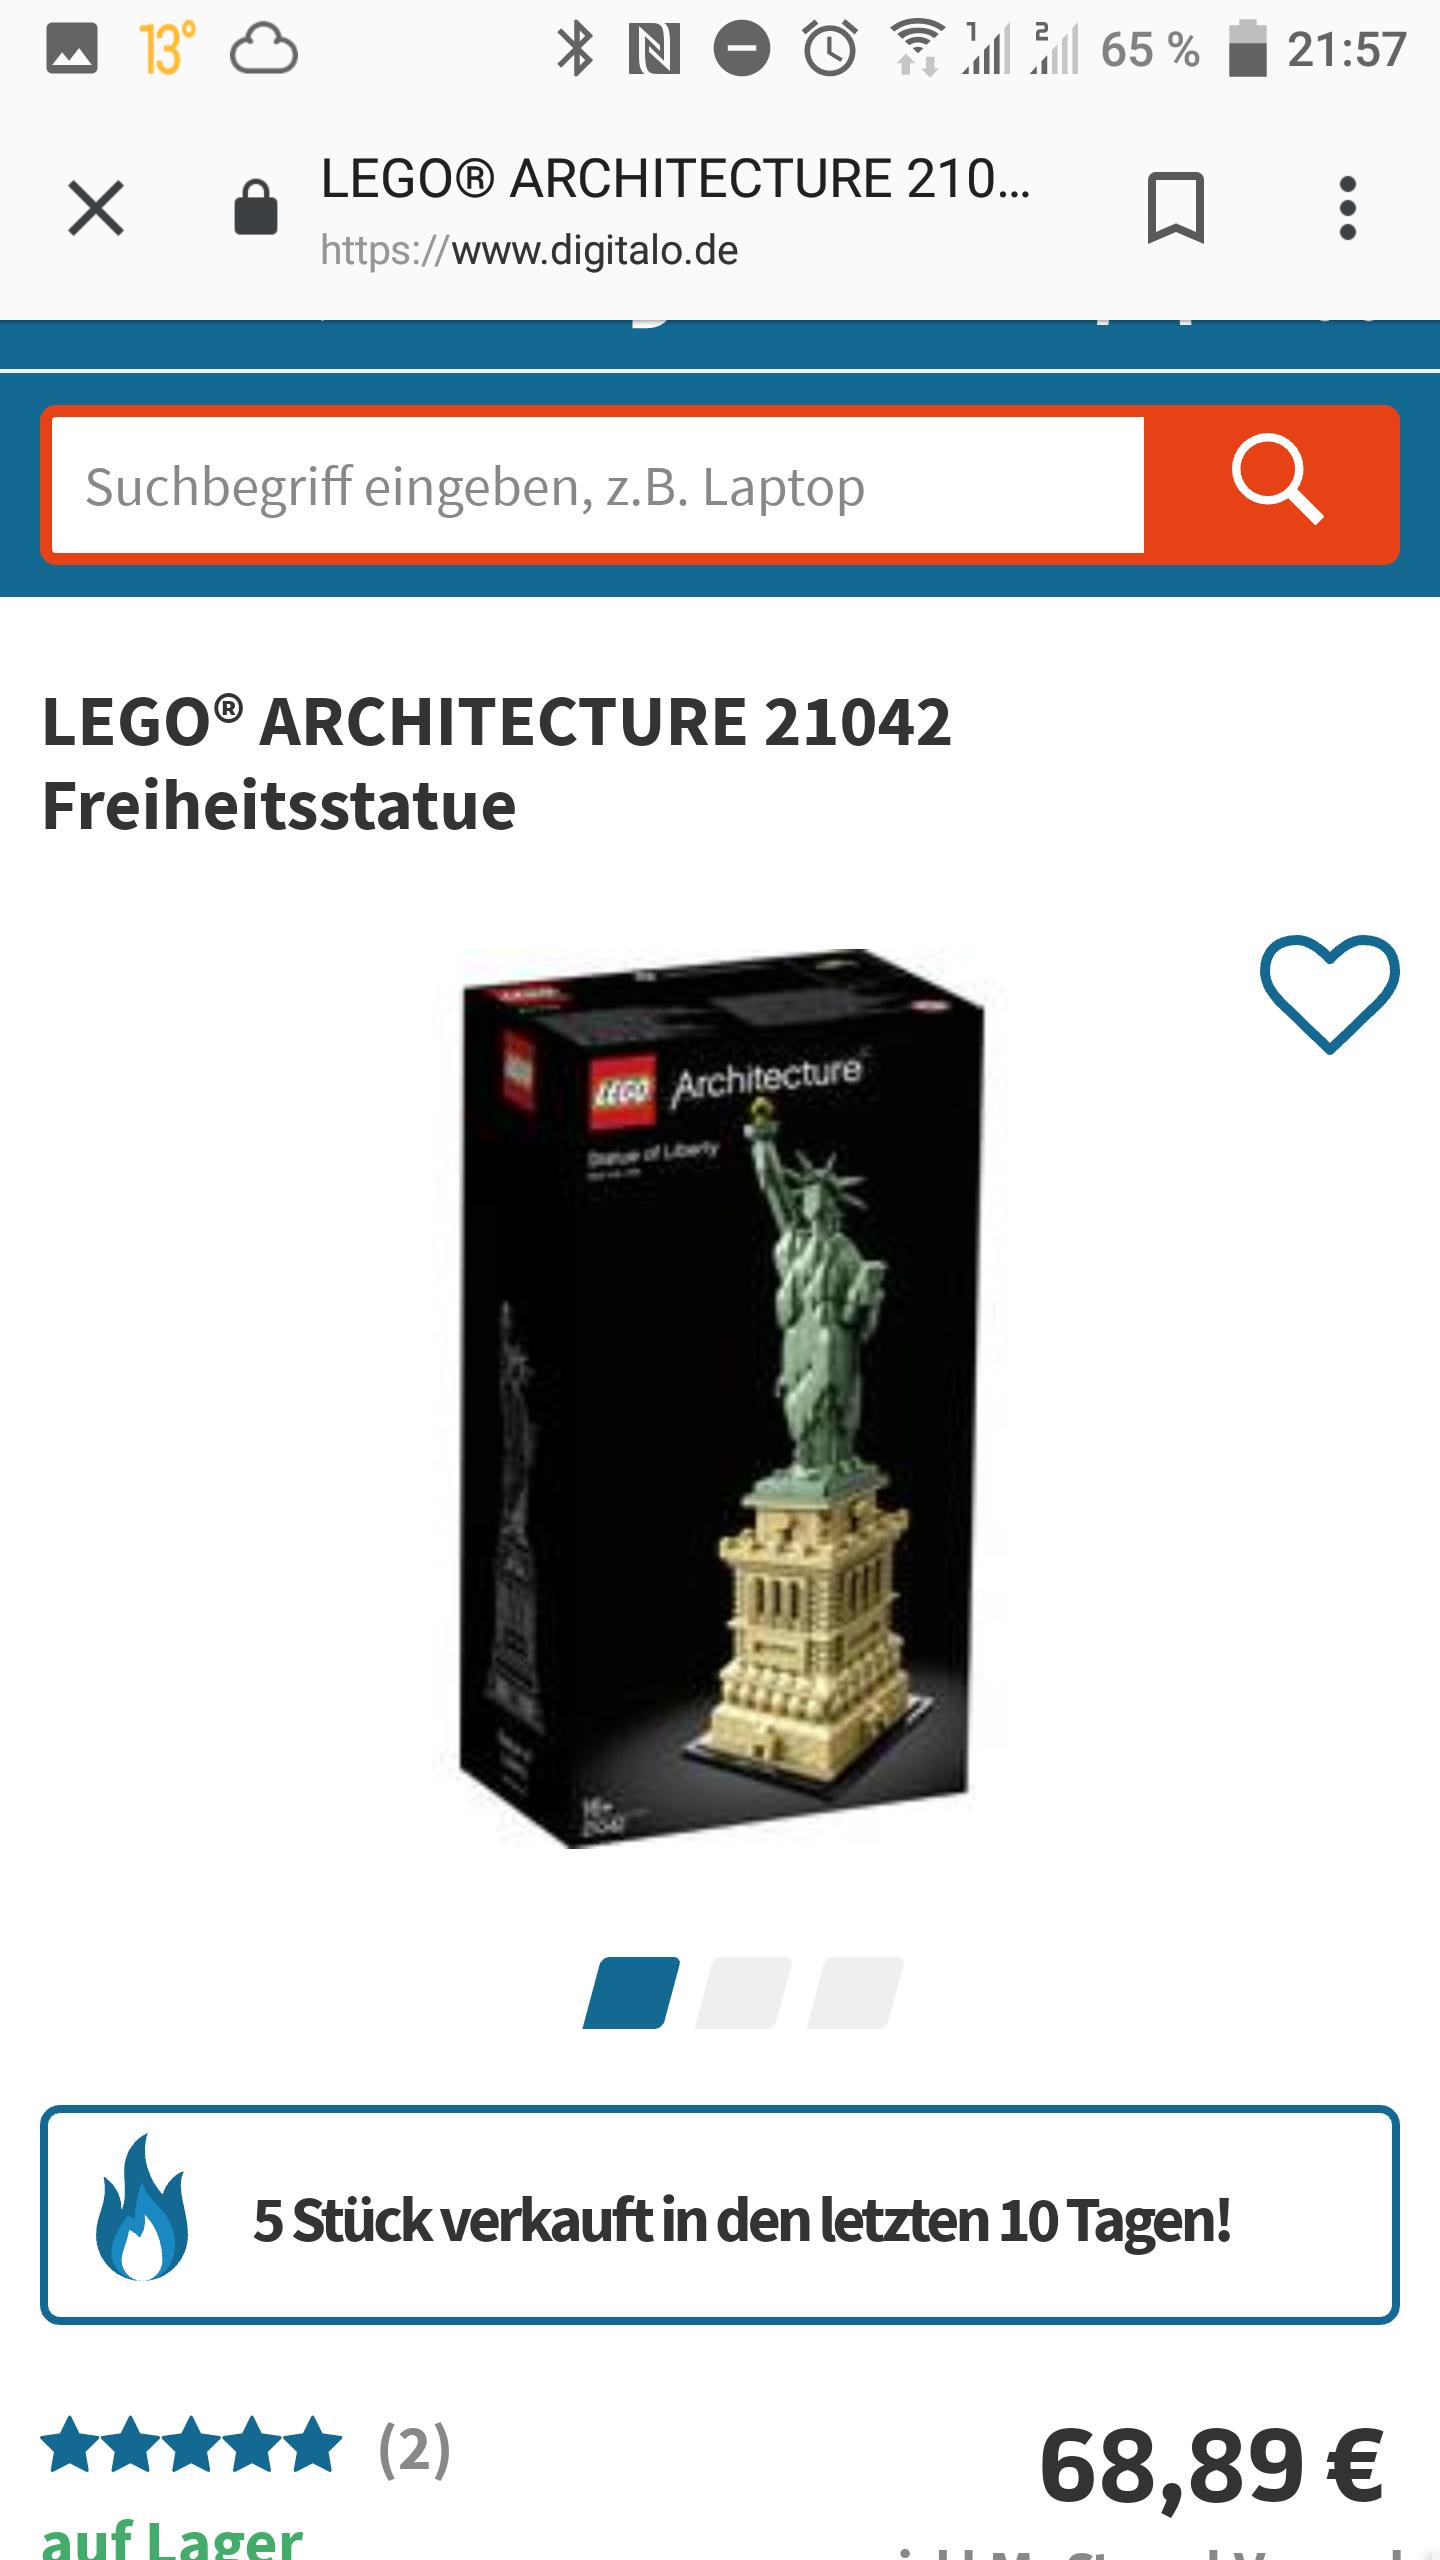 Lego 21042 Freiheitsstatue zum aktuellen Tiefpreis